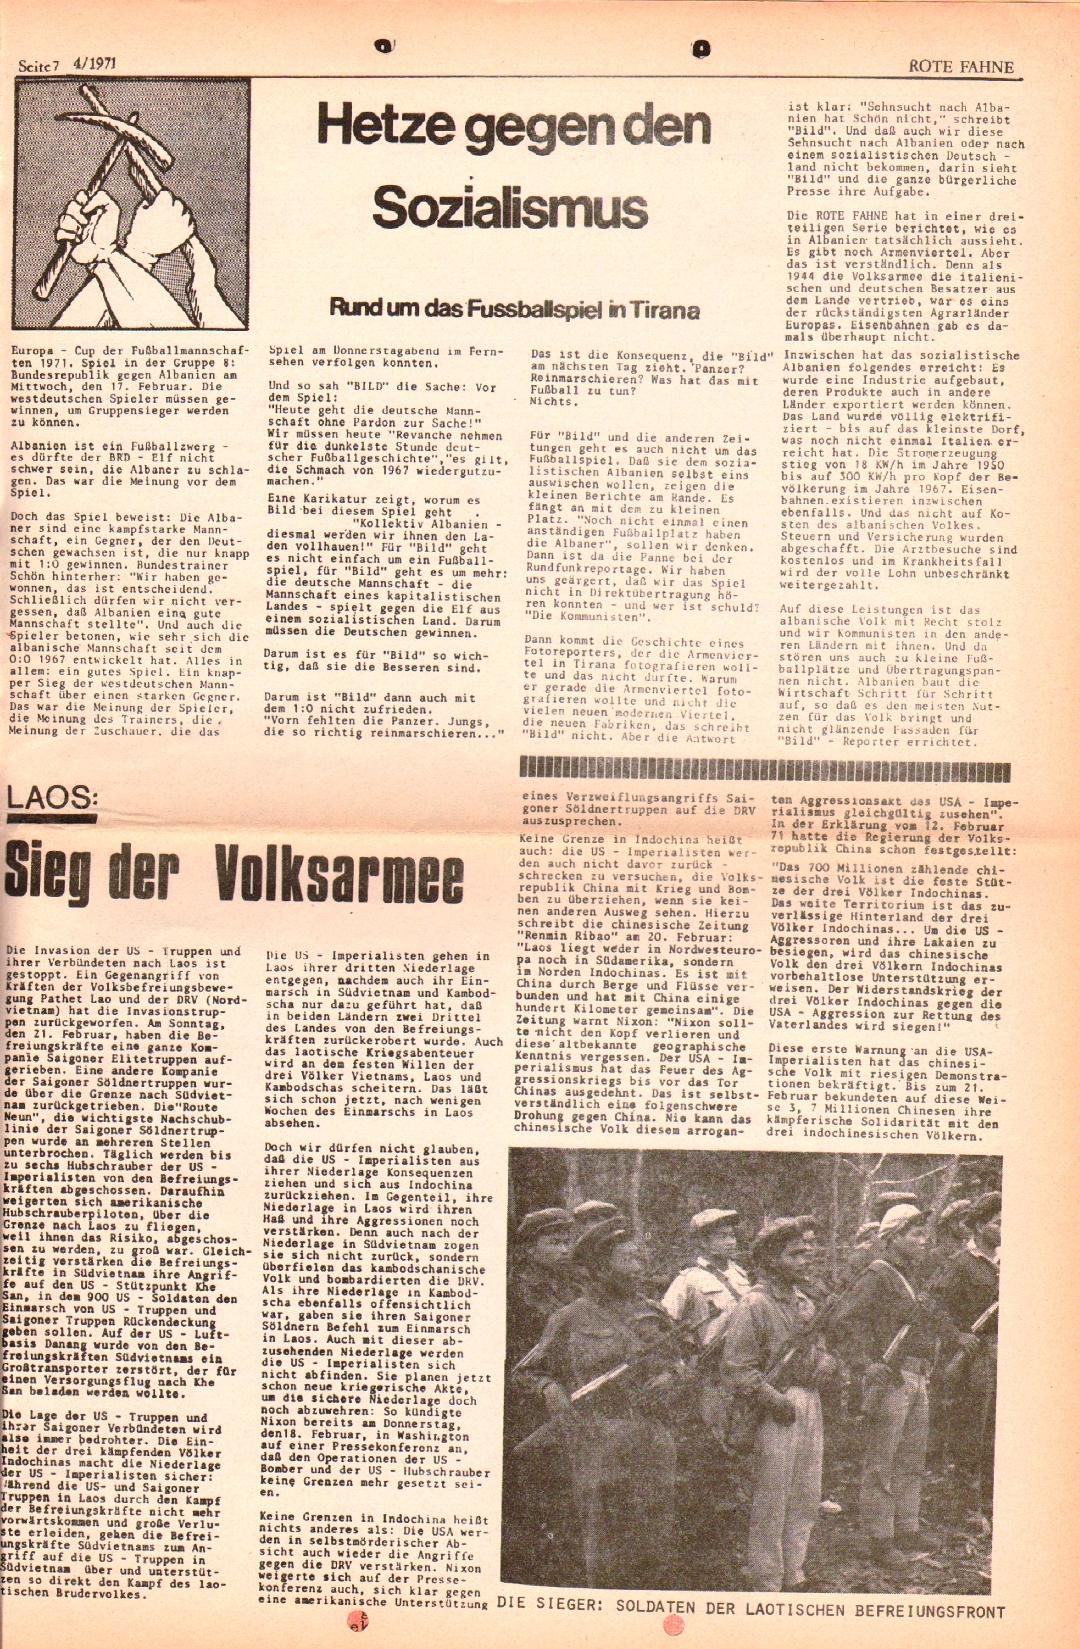 Rote Fahne, 2. Jg., 1.3.1971, Nr. 4, Seite 7